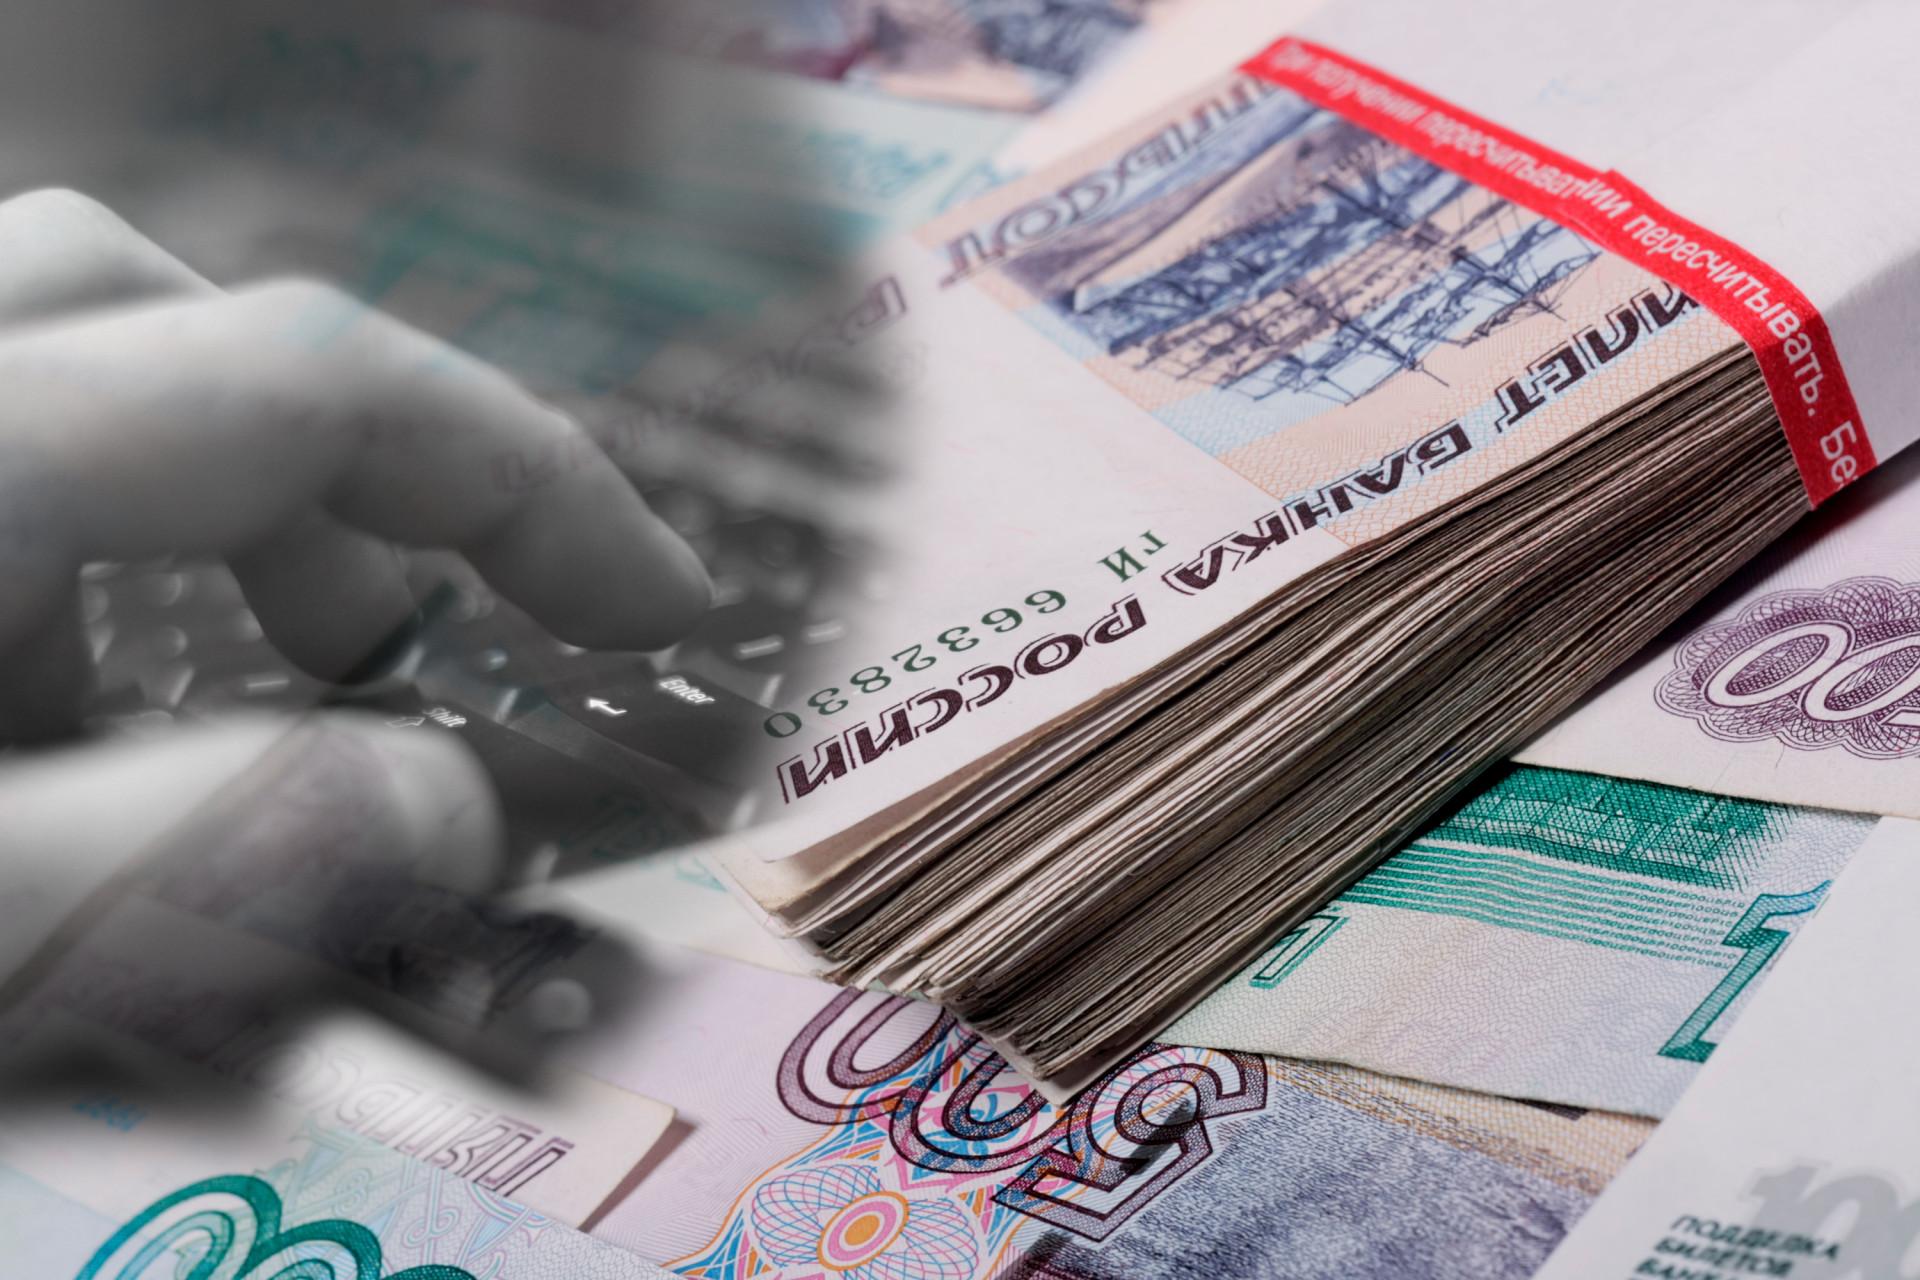 Anunak: So geht Bankraub im 21. Jahrhundert